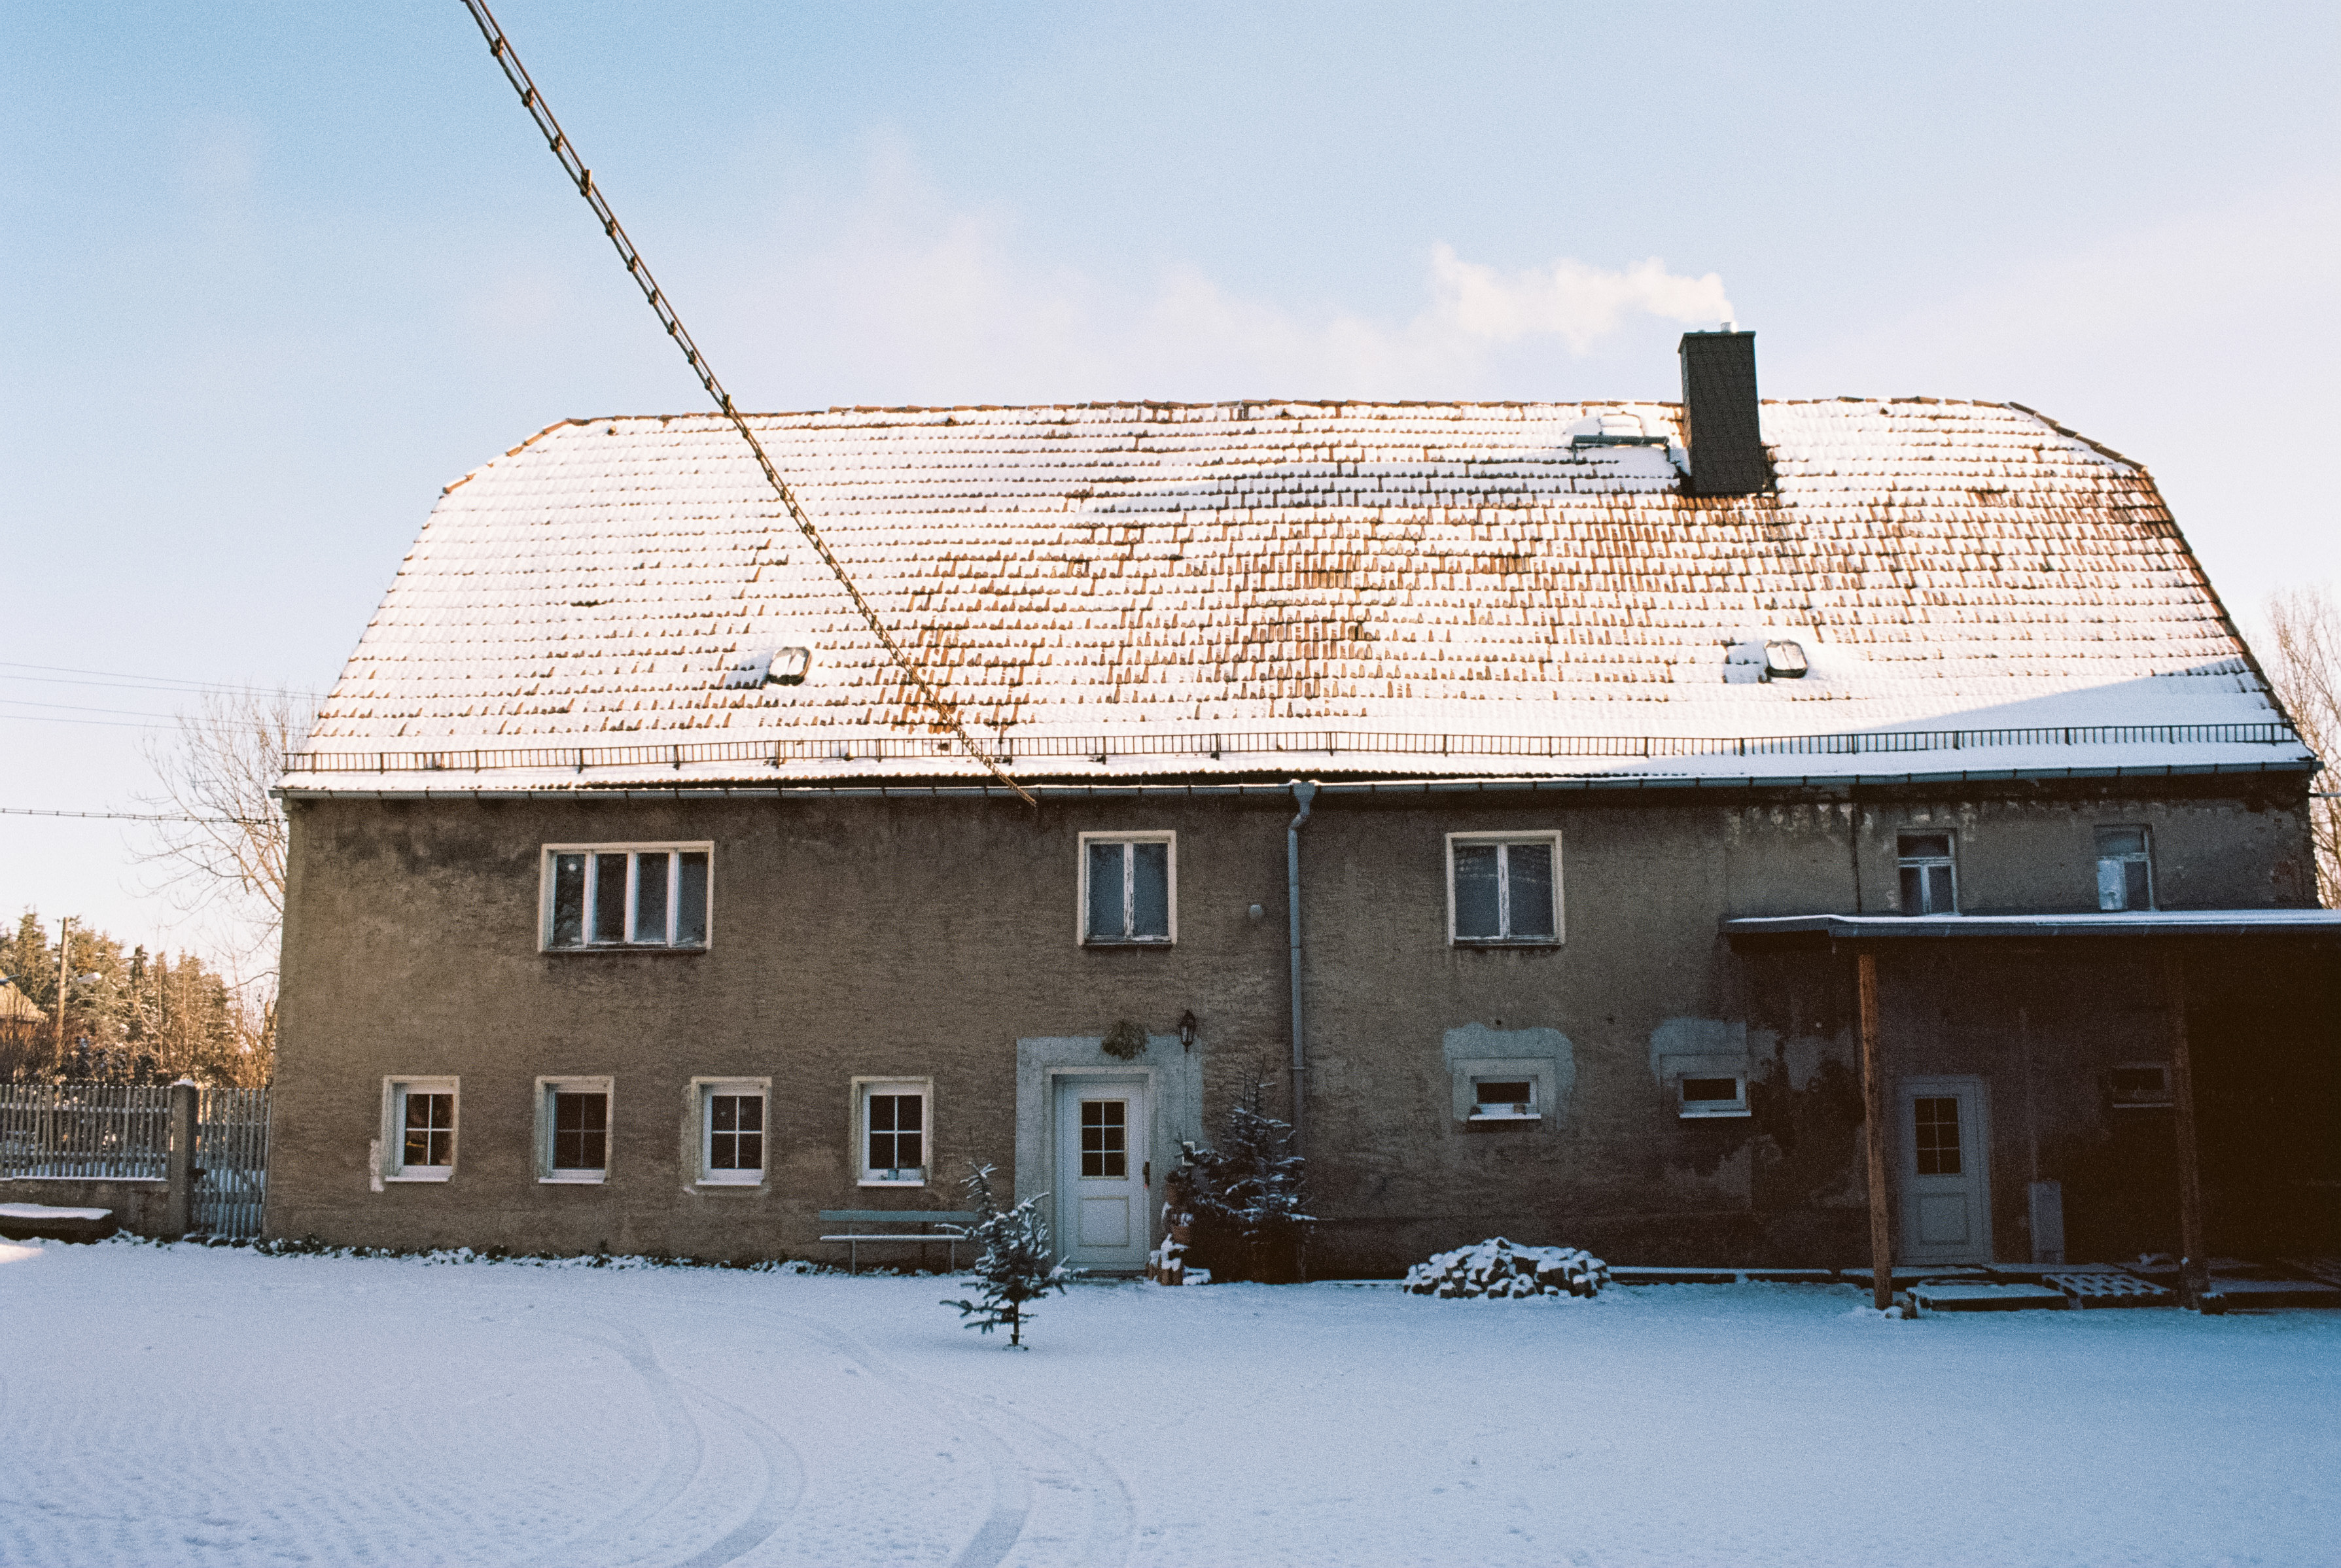 Bauernhaus_Hof jan 2016